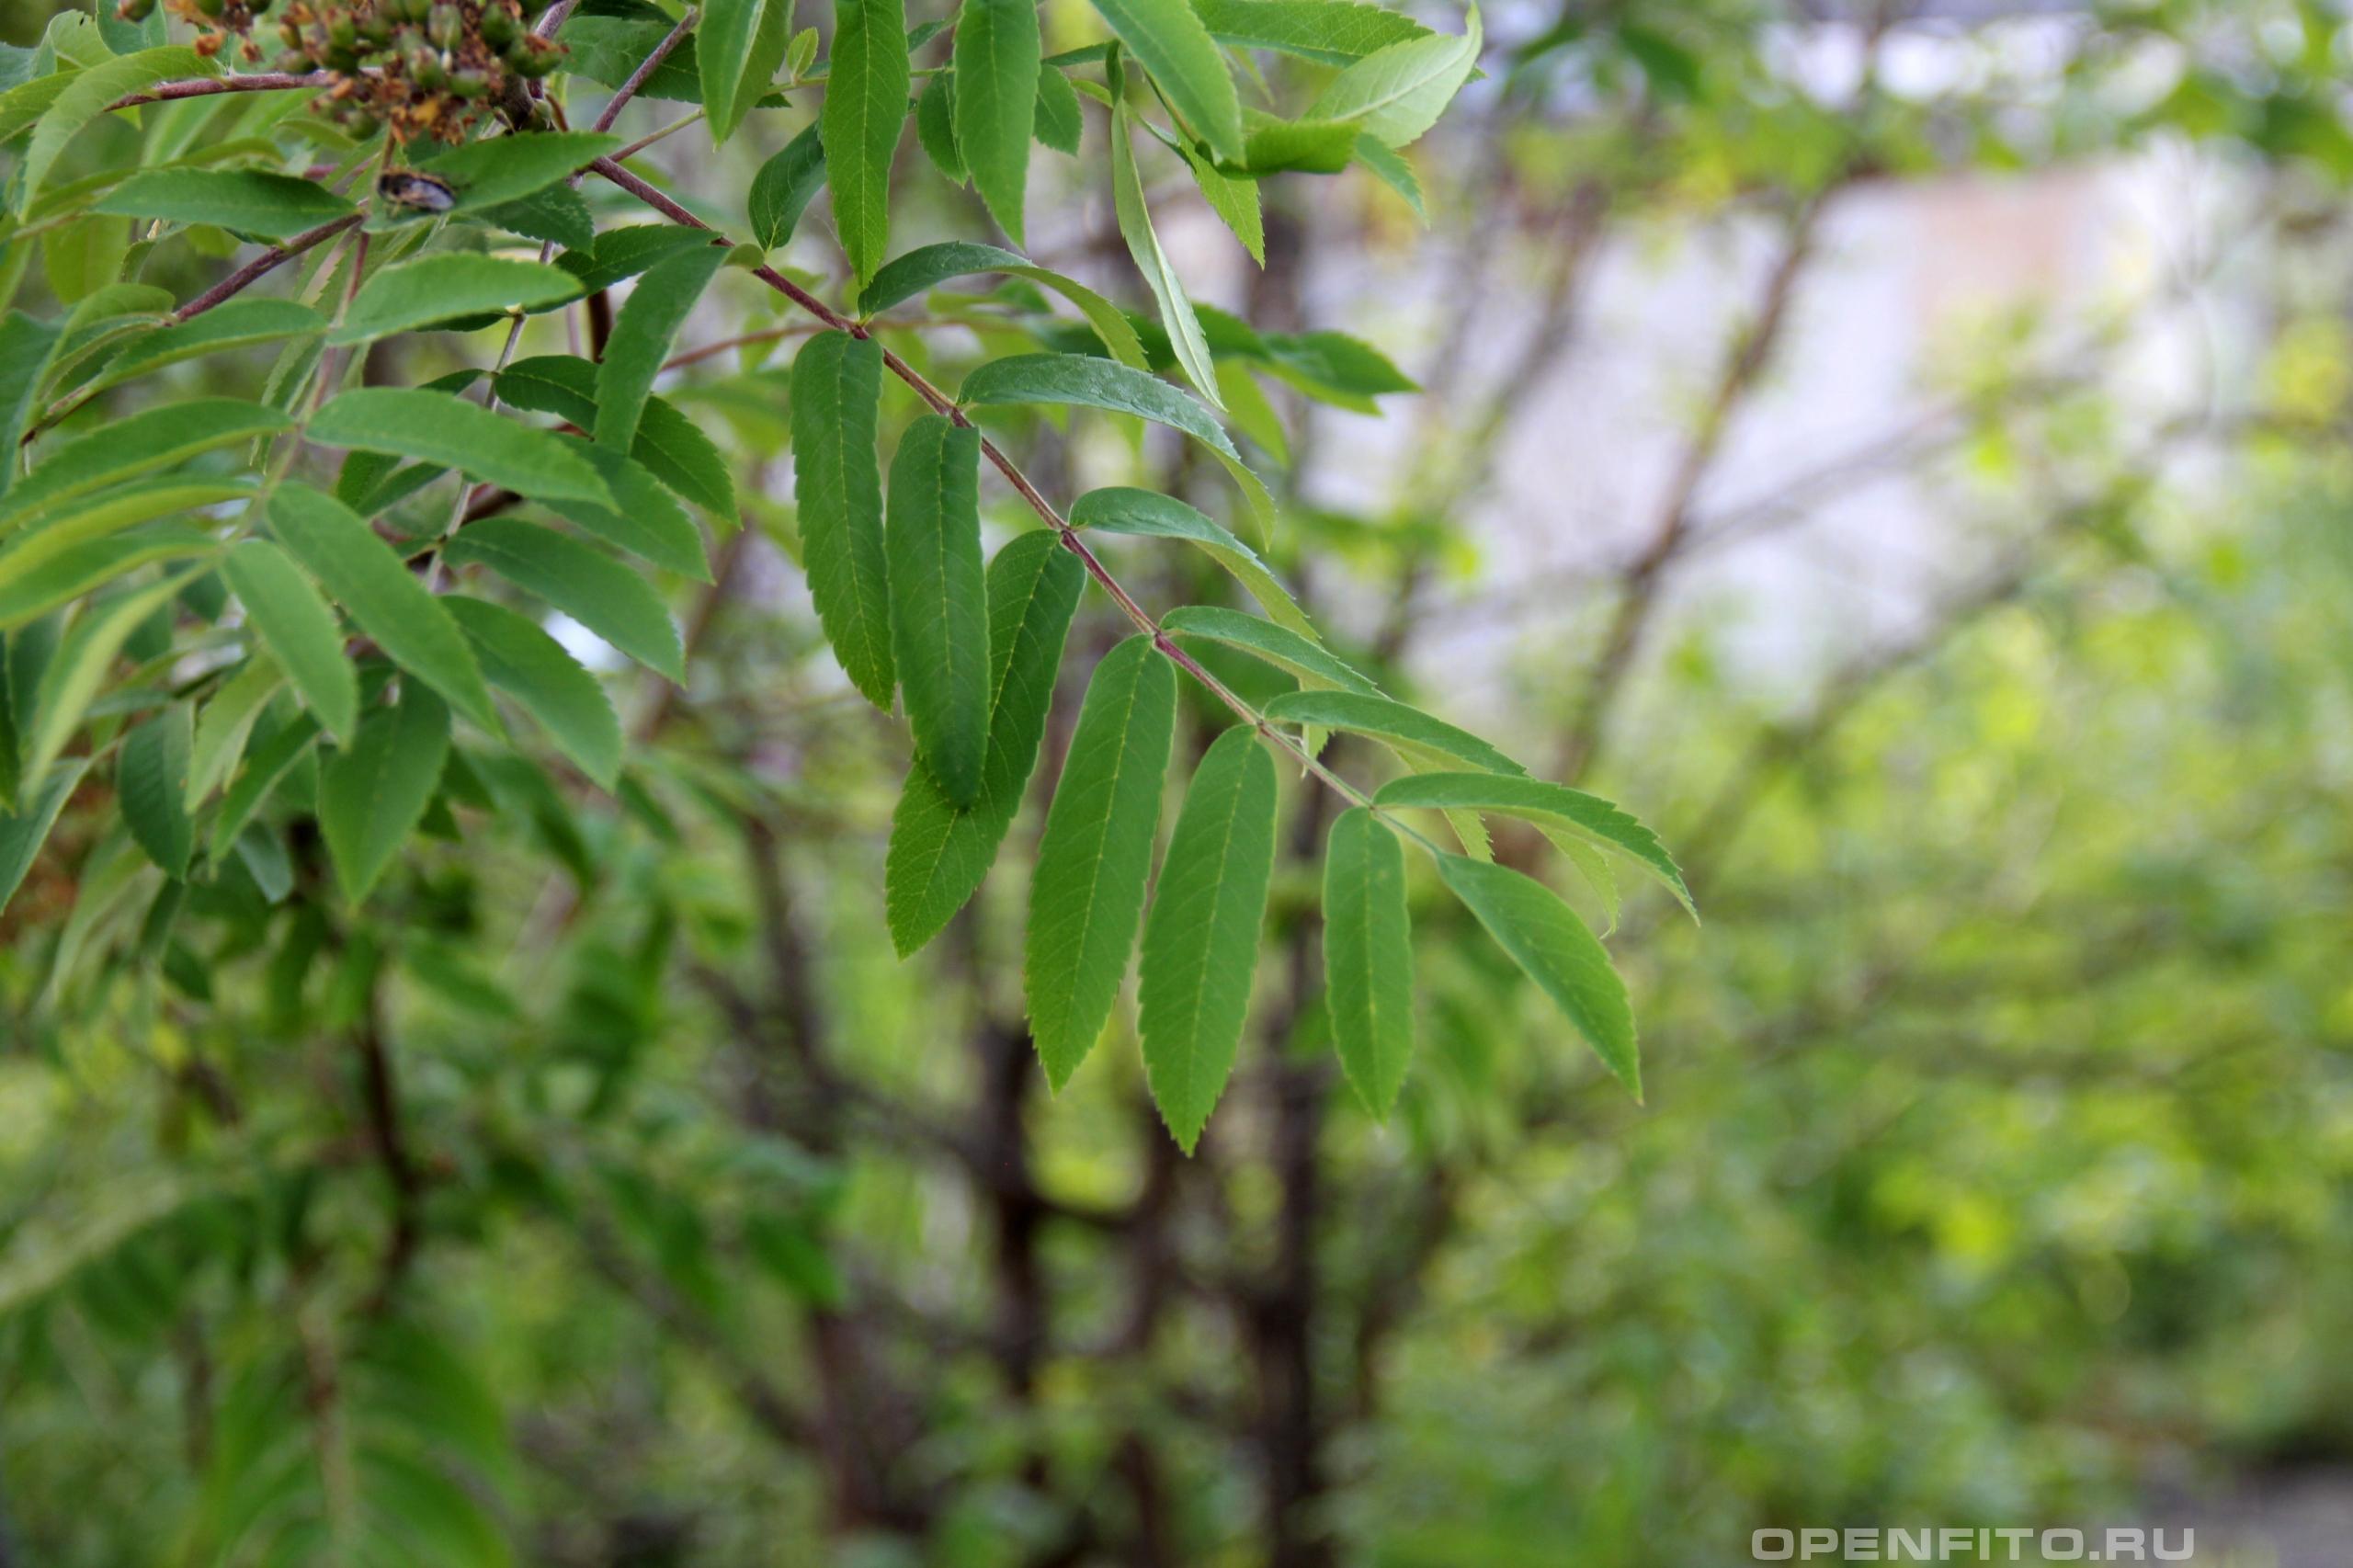 рябина обыкновенная лист, именно листья рябины начала лета можно заваривать в чай